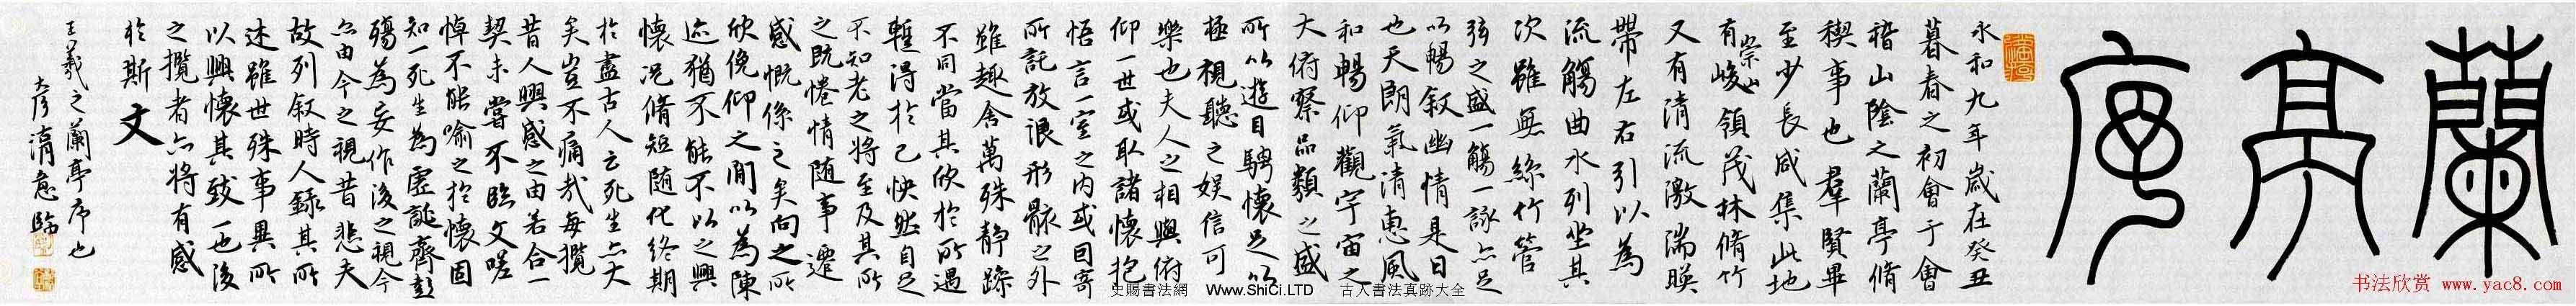 劉彥湖書法手卷意臨王羲之蘭亭序(共7張圖片)